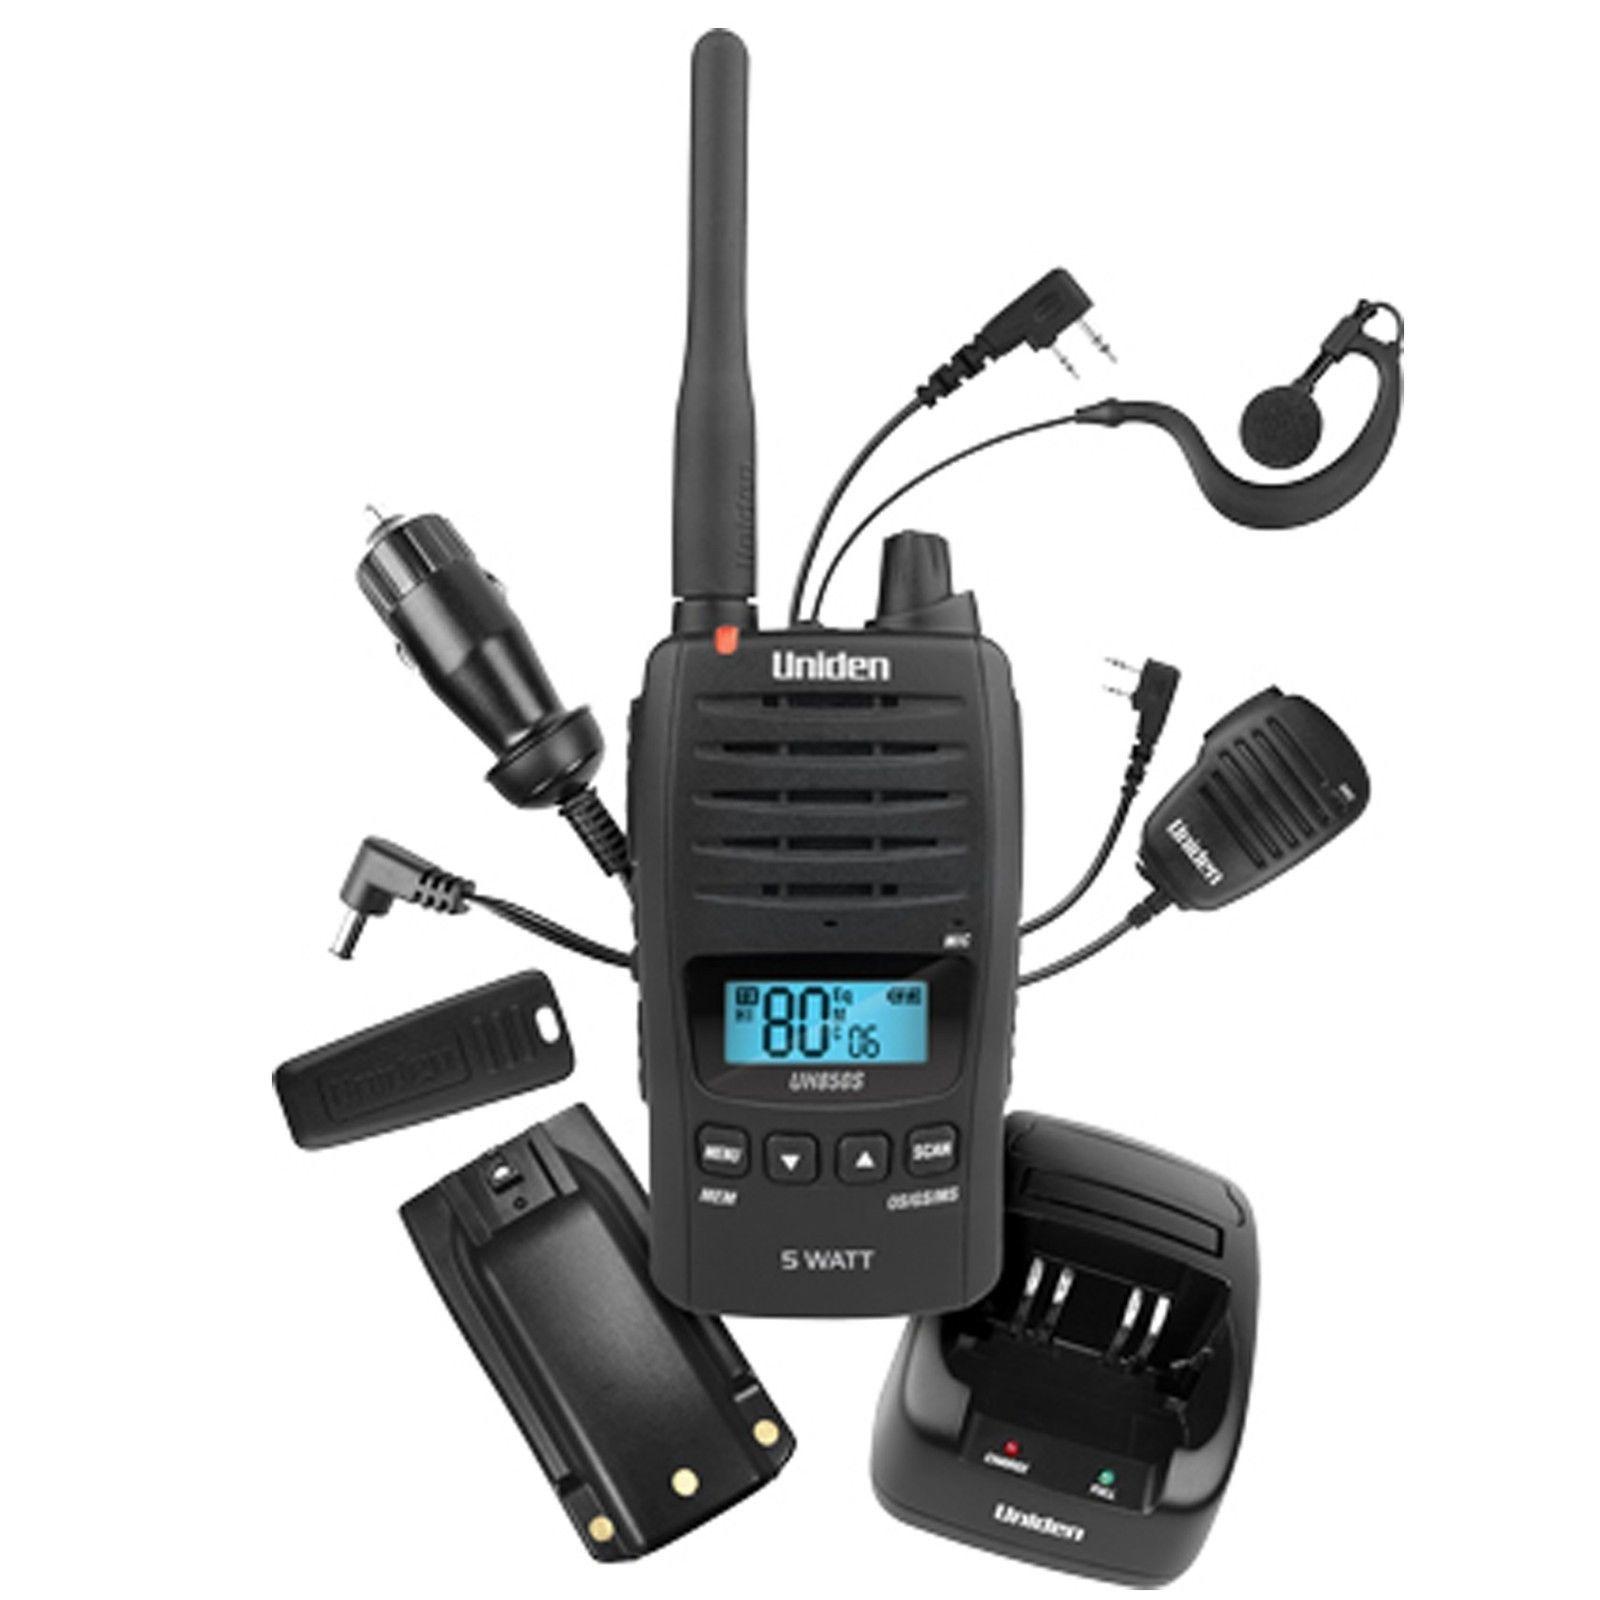 Best Handheld CB Radio 2019 : Portable CB Radio and Antenna